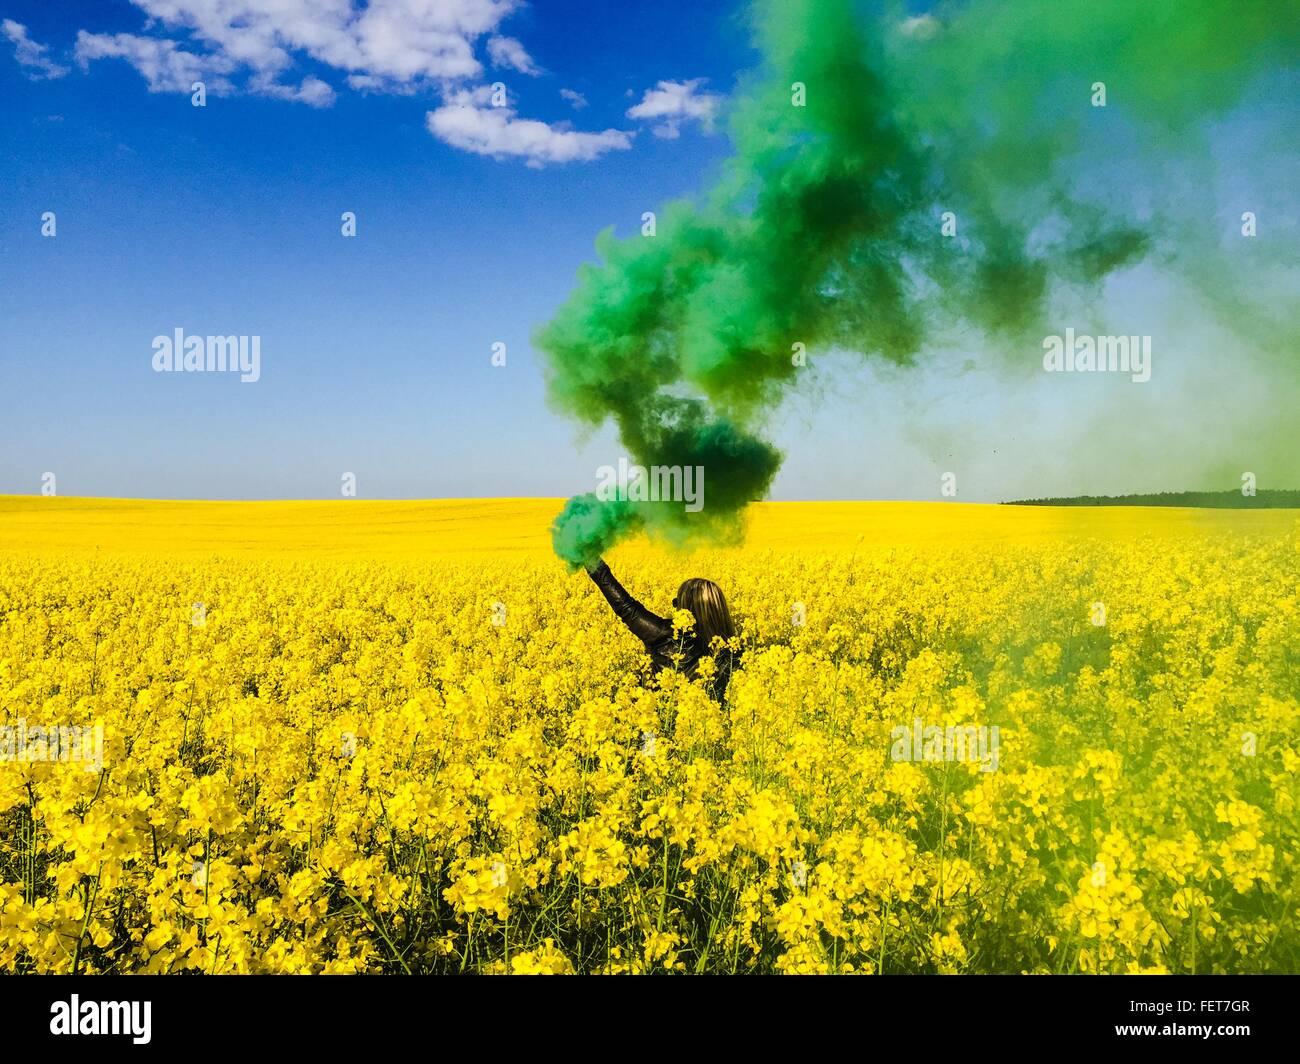 La fumée verte Femme de émettant main tenant la détresse Flare sur terrain pa Photo Stock